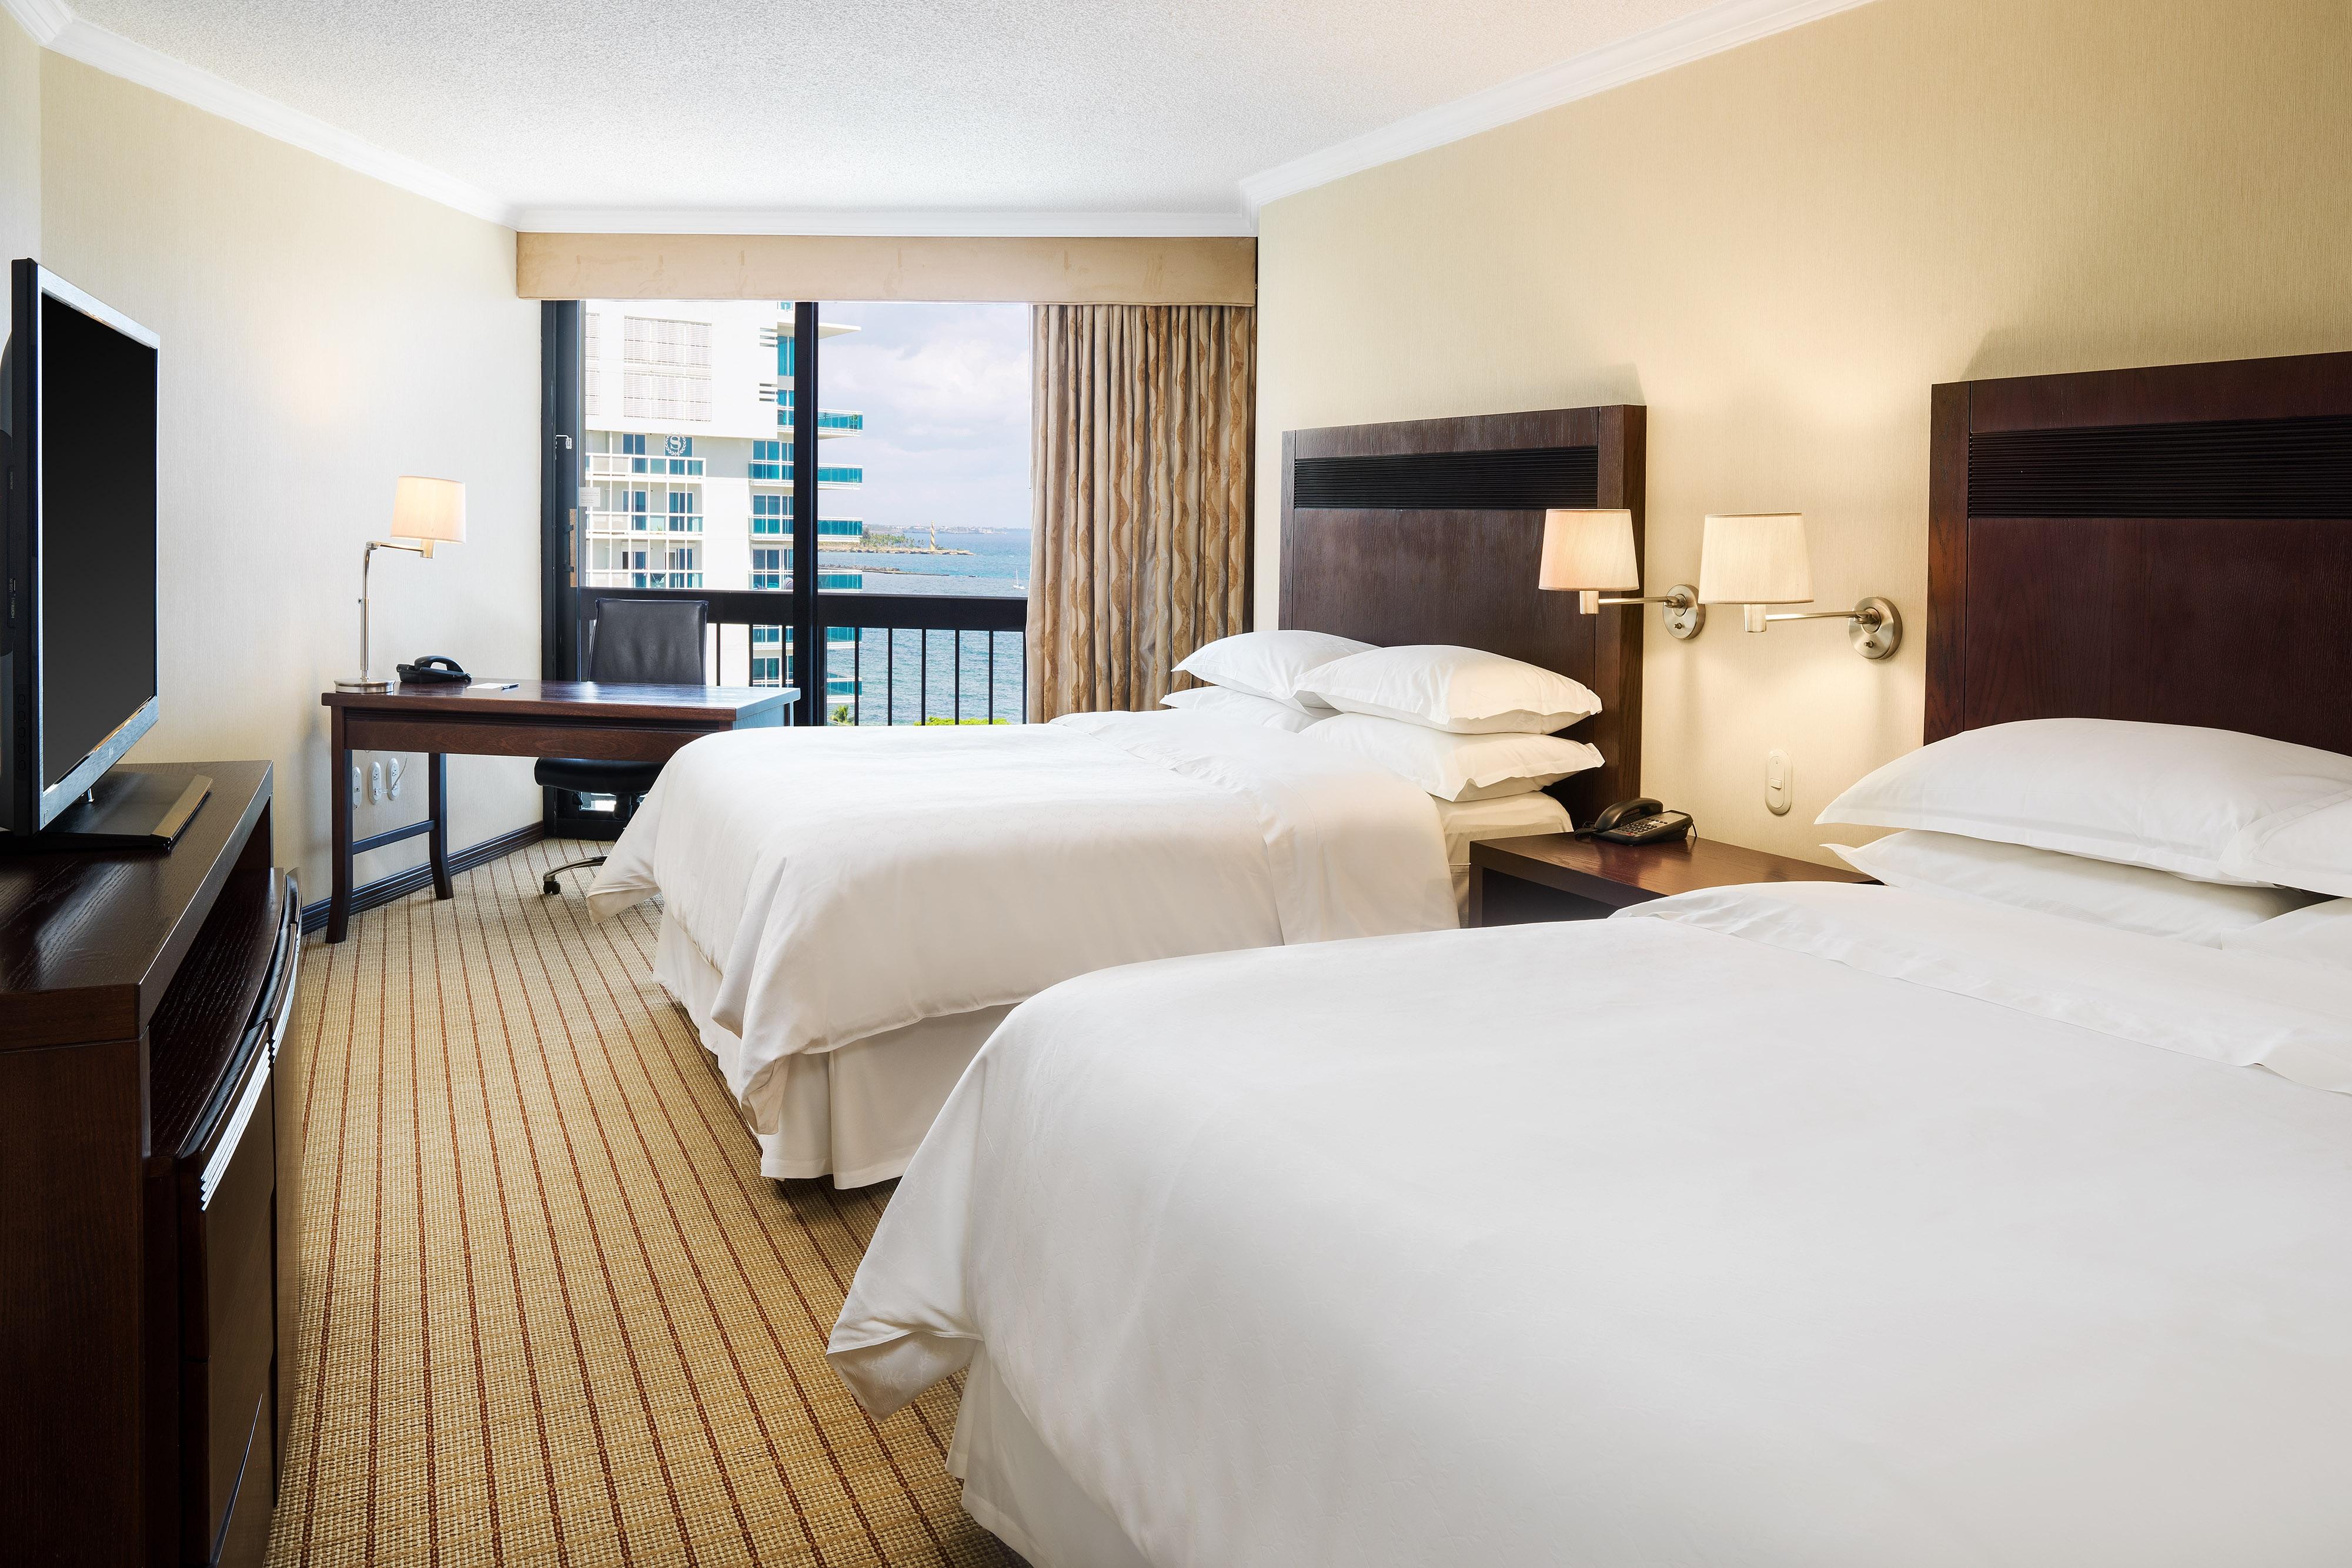 Queen/Queen Standard Guest Room